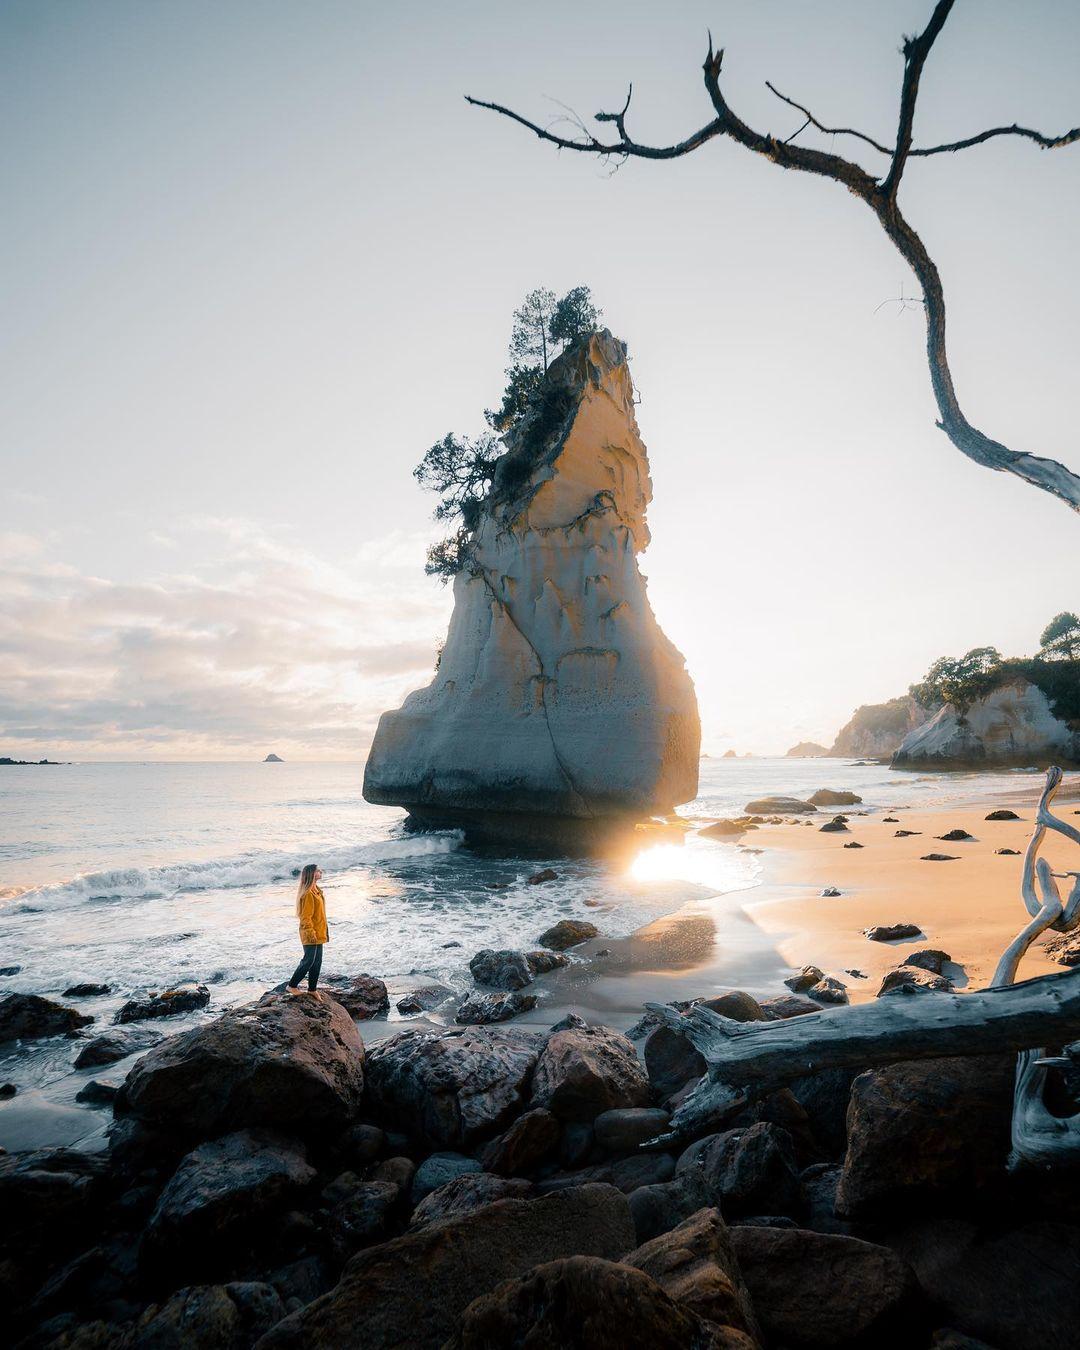 Пейзажи, путешествия и приключения на снимках Лонг-Нонг Хуанга